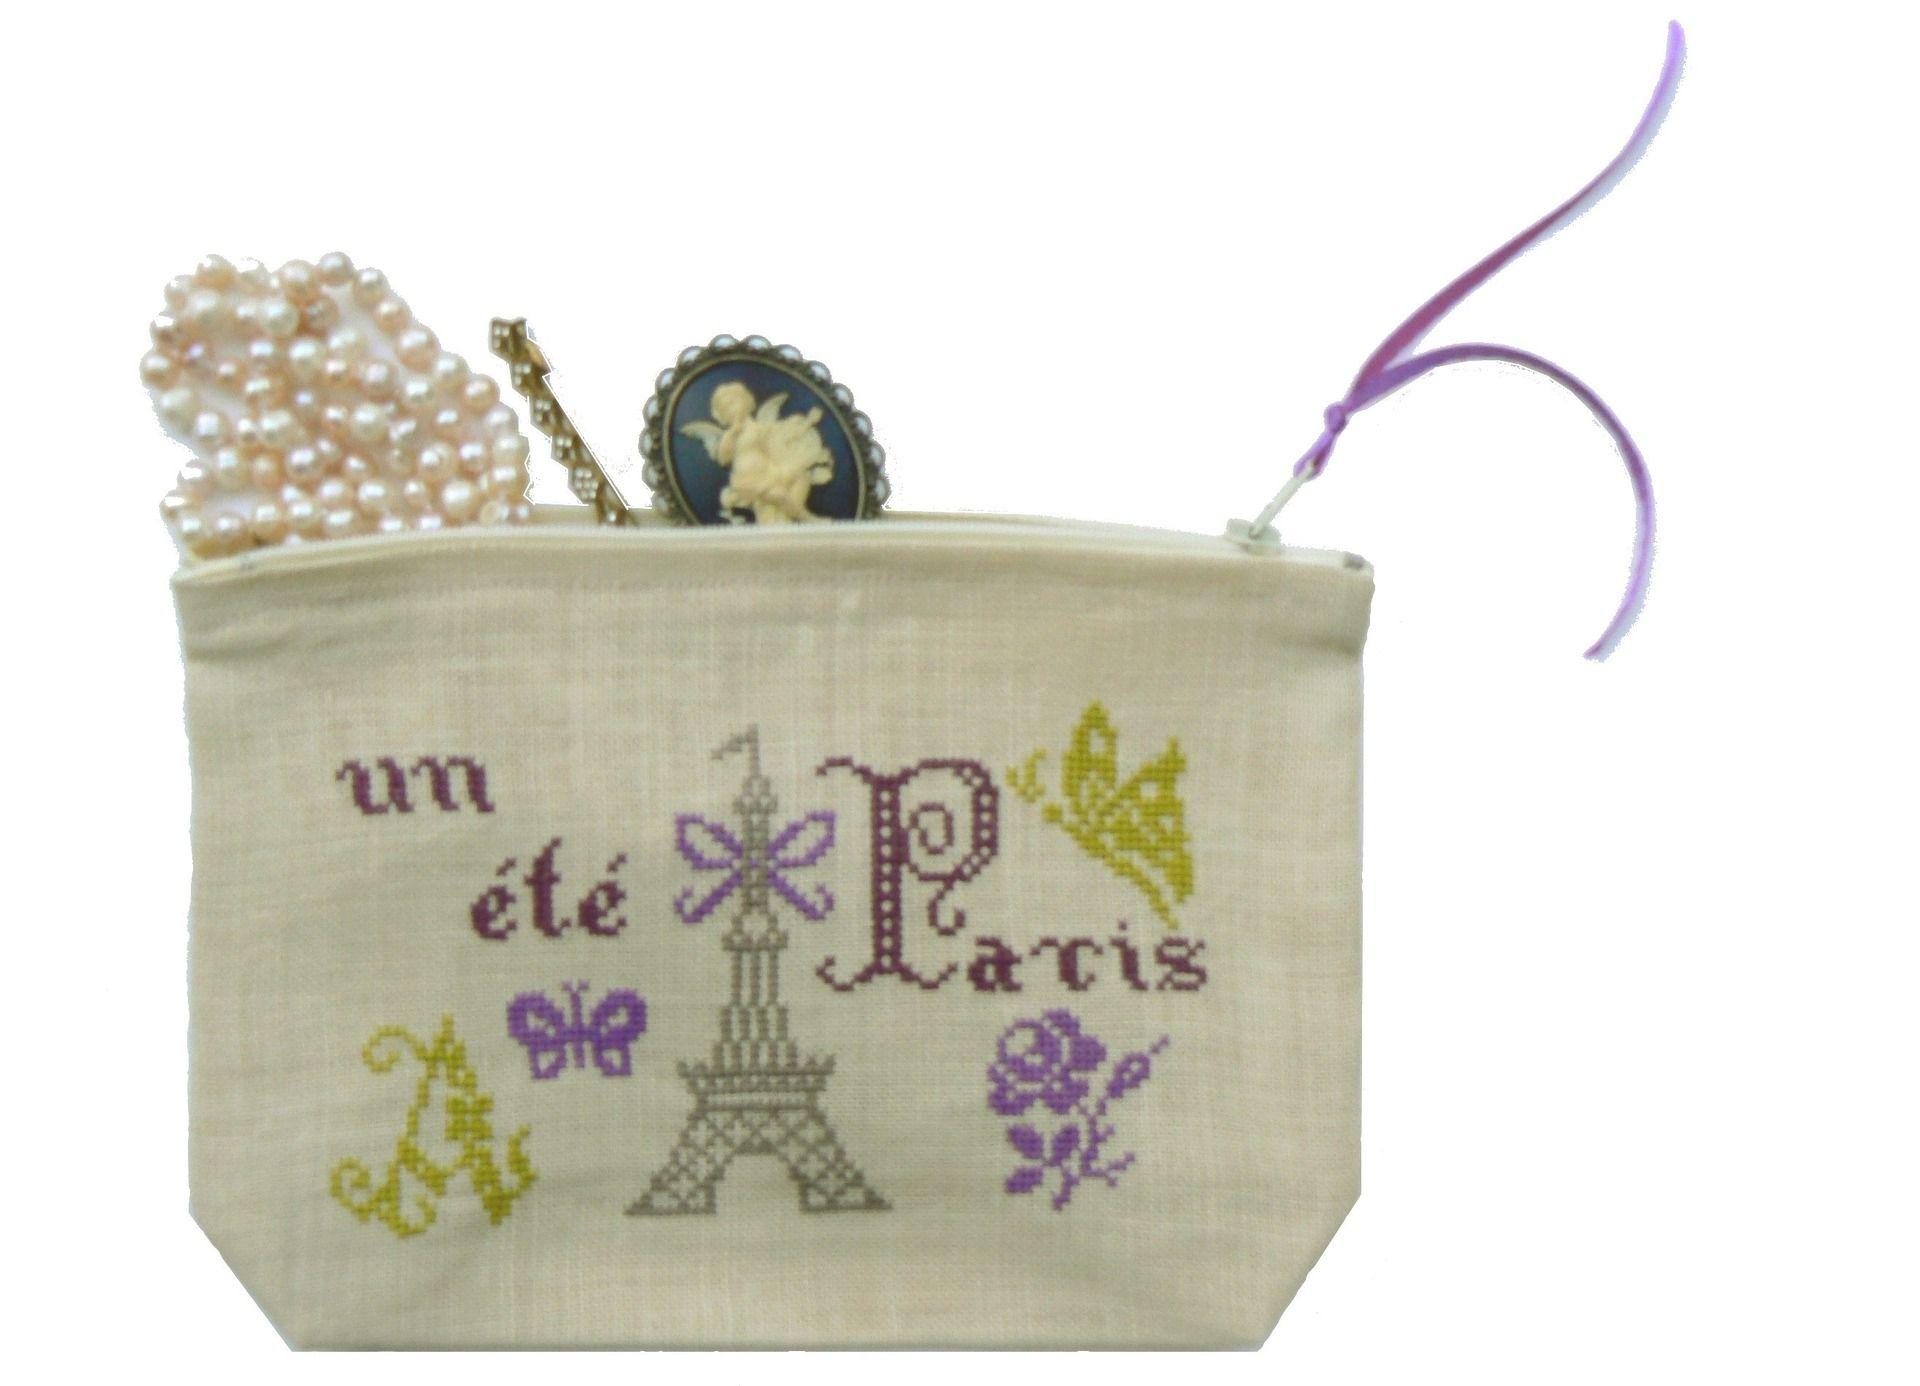 GRILLE ETE A PARIS BRODERIE SUR LIN POINT DE CROIX | Paris | Pinterest | Parisians, Cross stitch ...